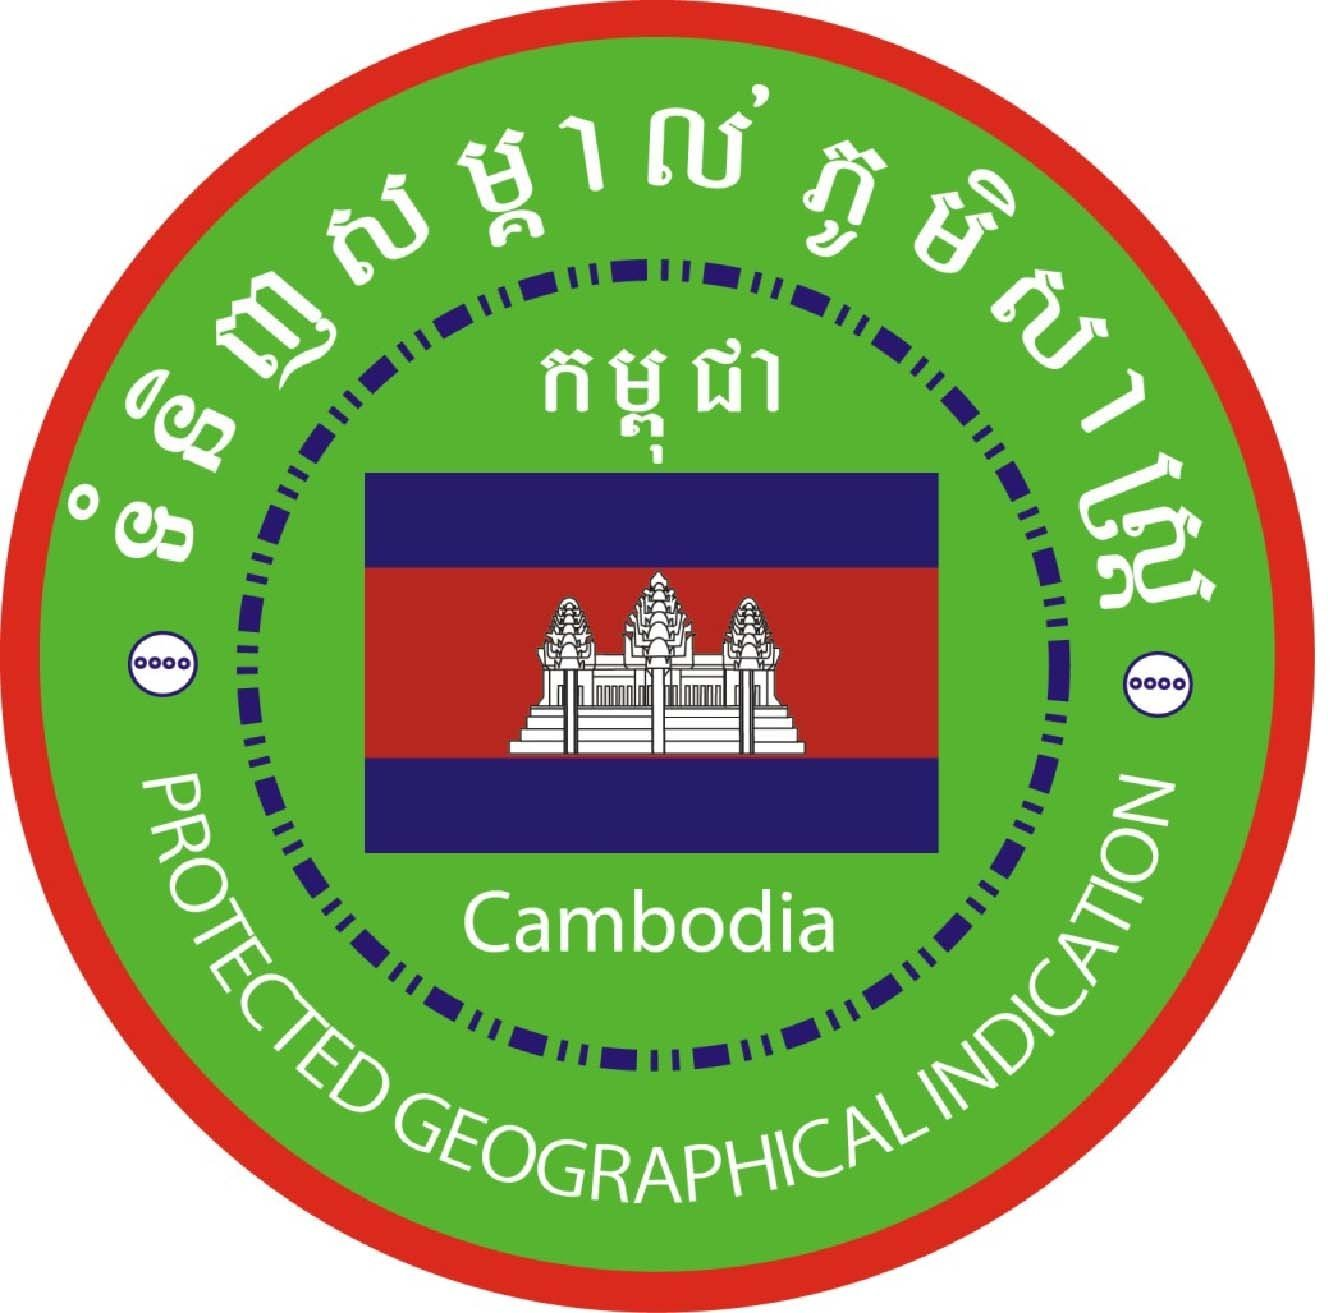 Kampot GI.jpg